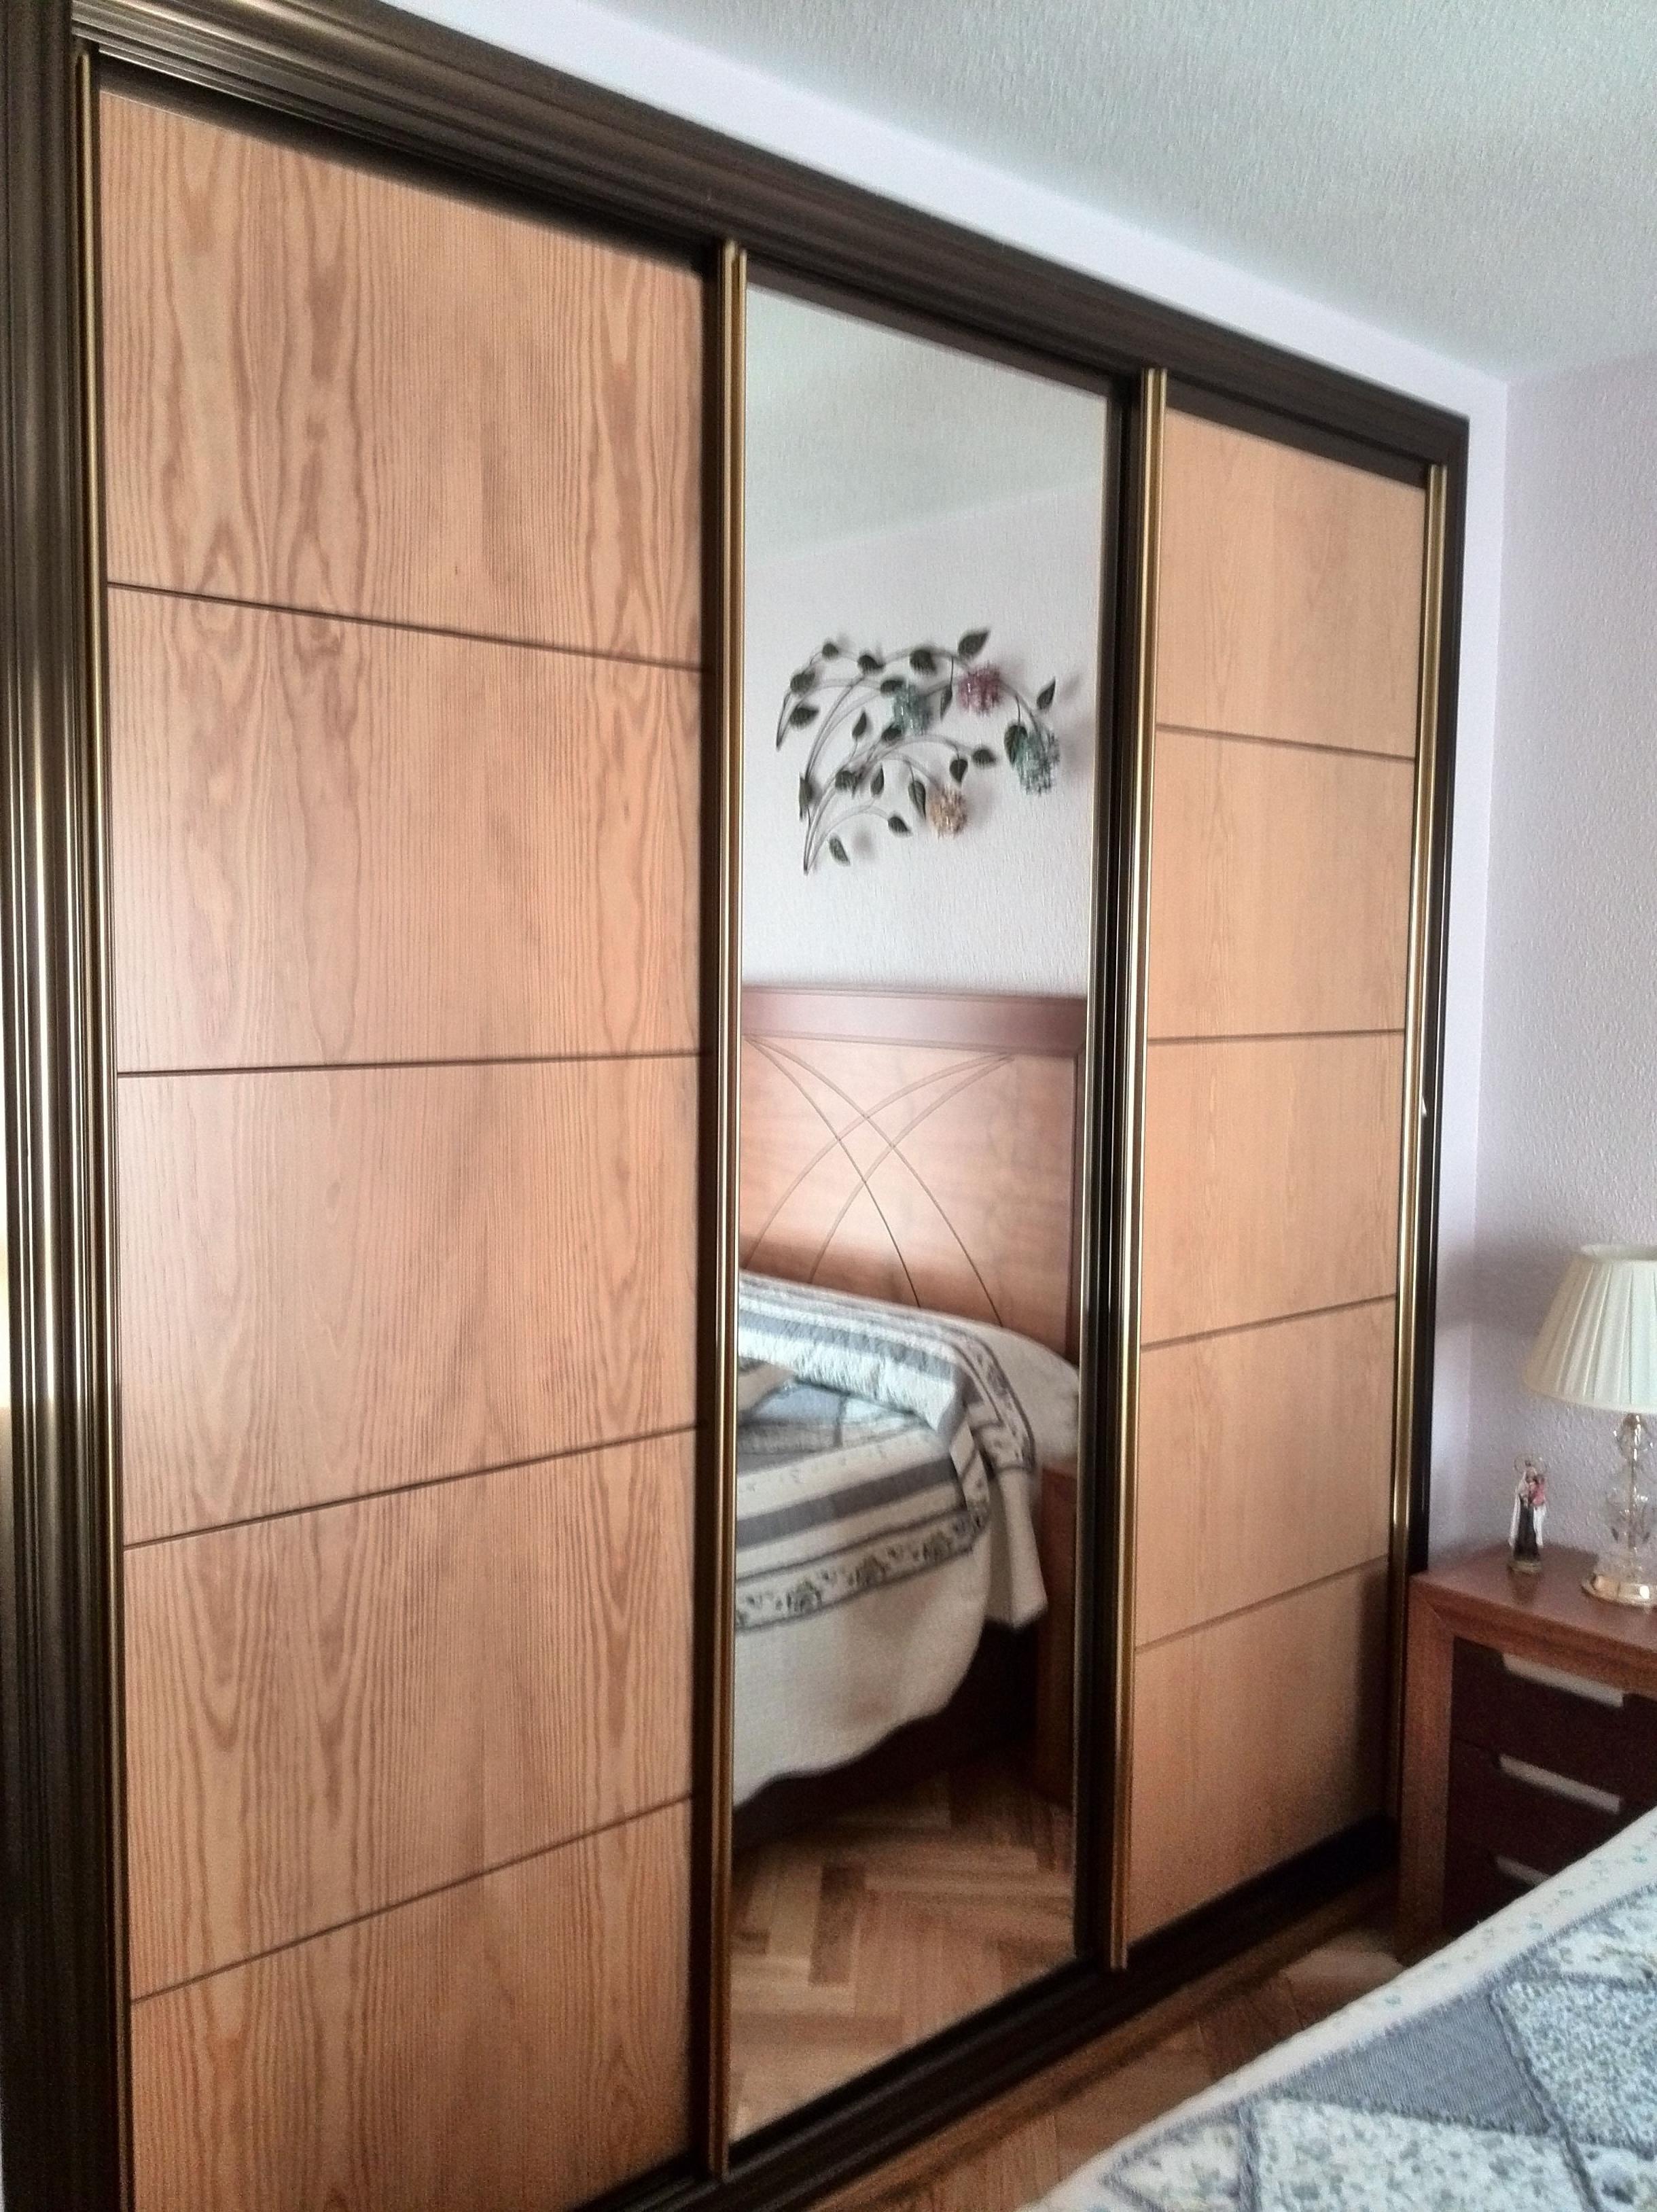 Muebles a medida madrid baratos carpinteria madera y arte for Armarios de madera baratos